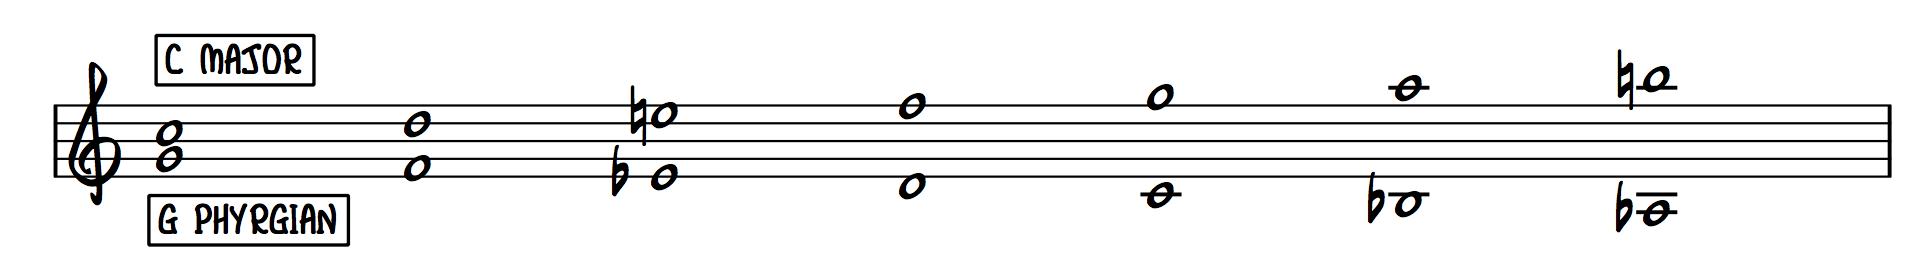 chord-progression